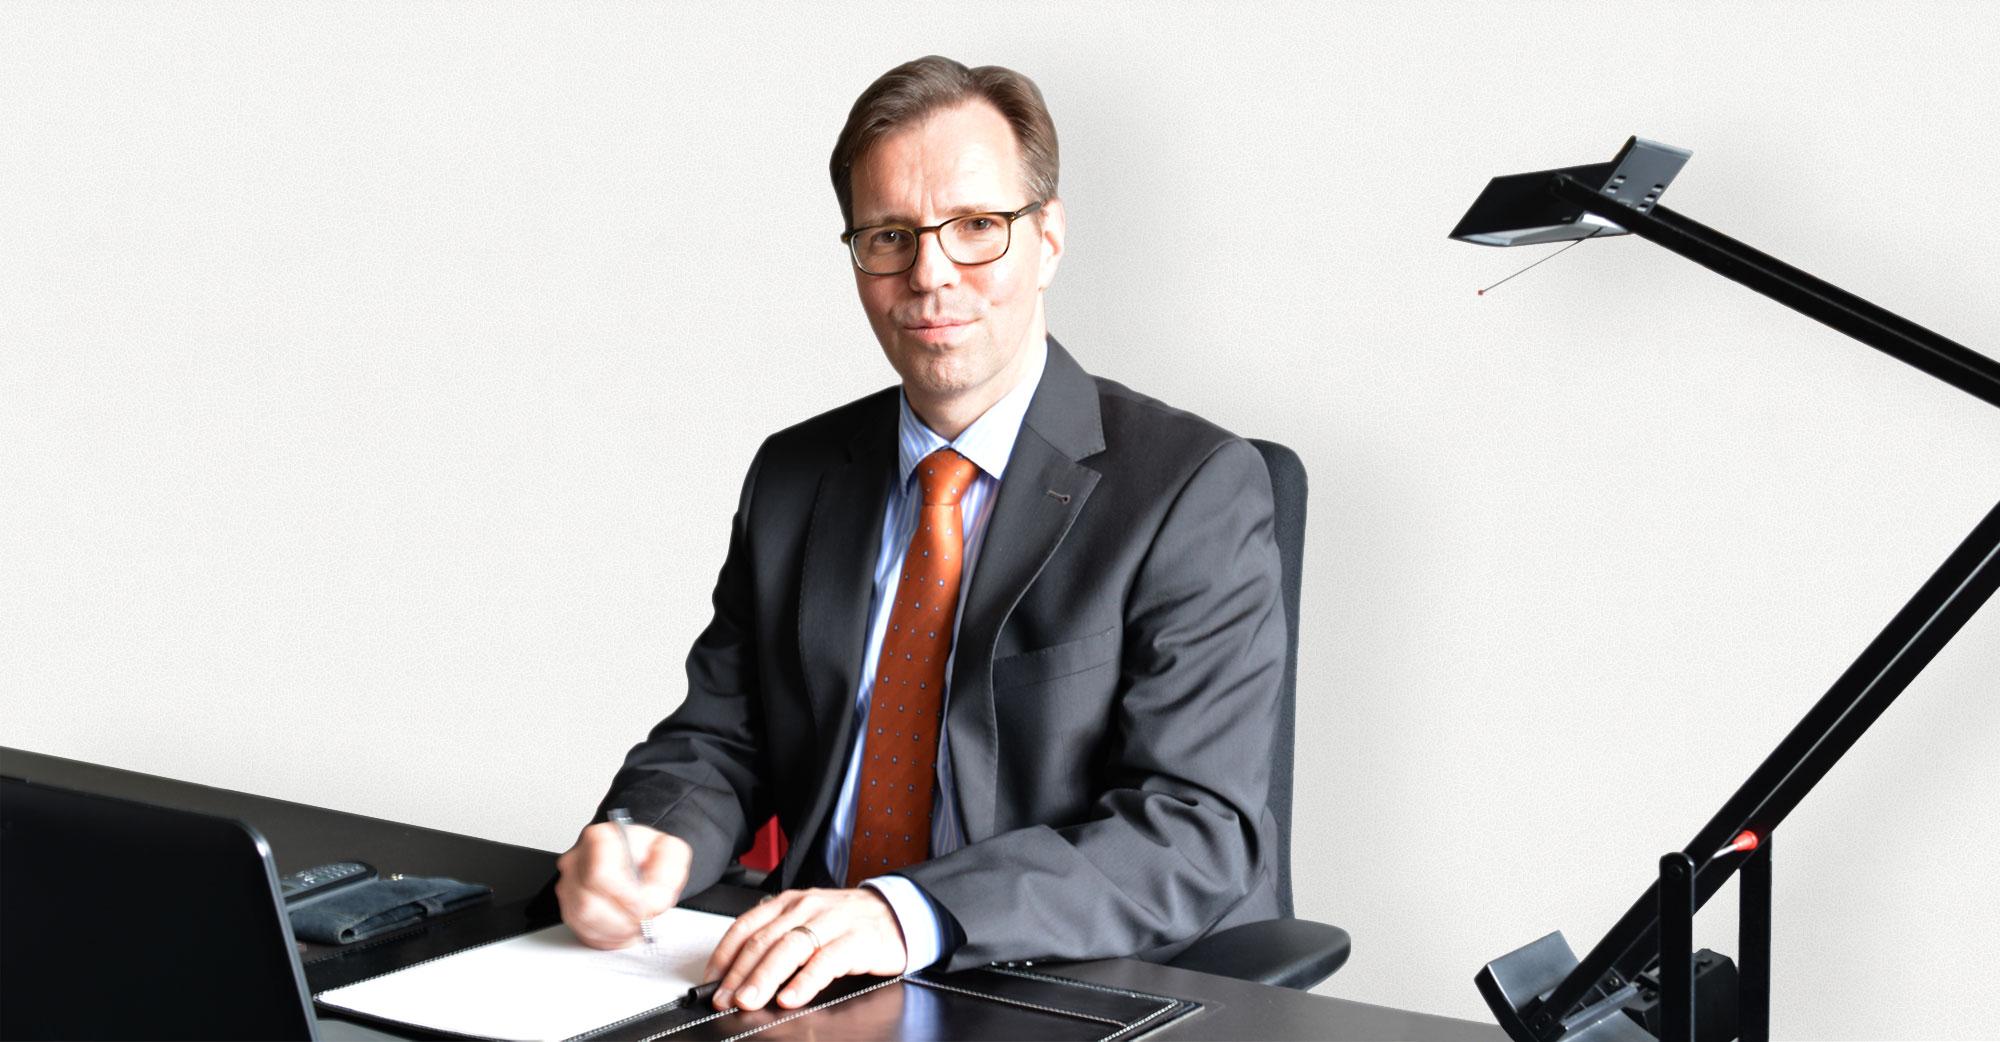 Rechtsanwalt Jakob spezialisiert auf Privatrecht,Erbrecht und Mietrecht